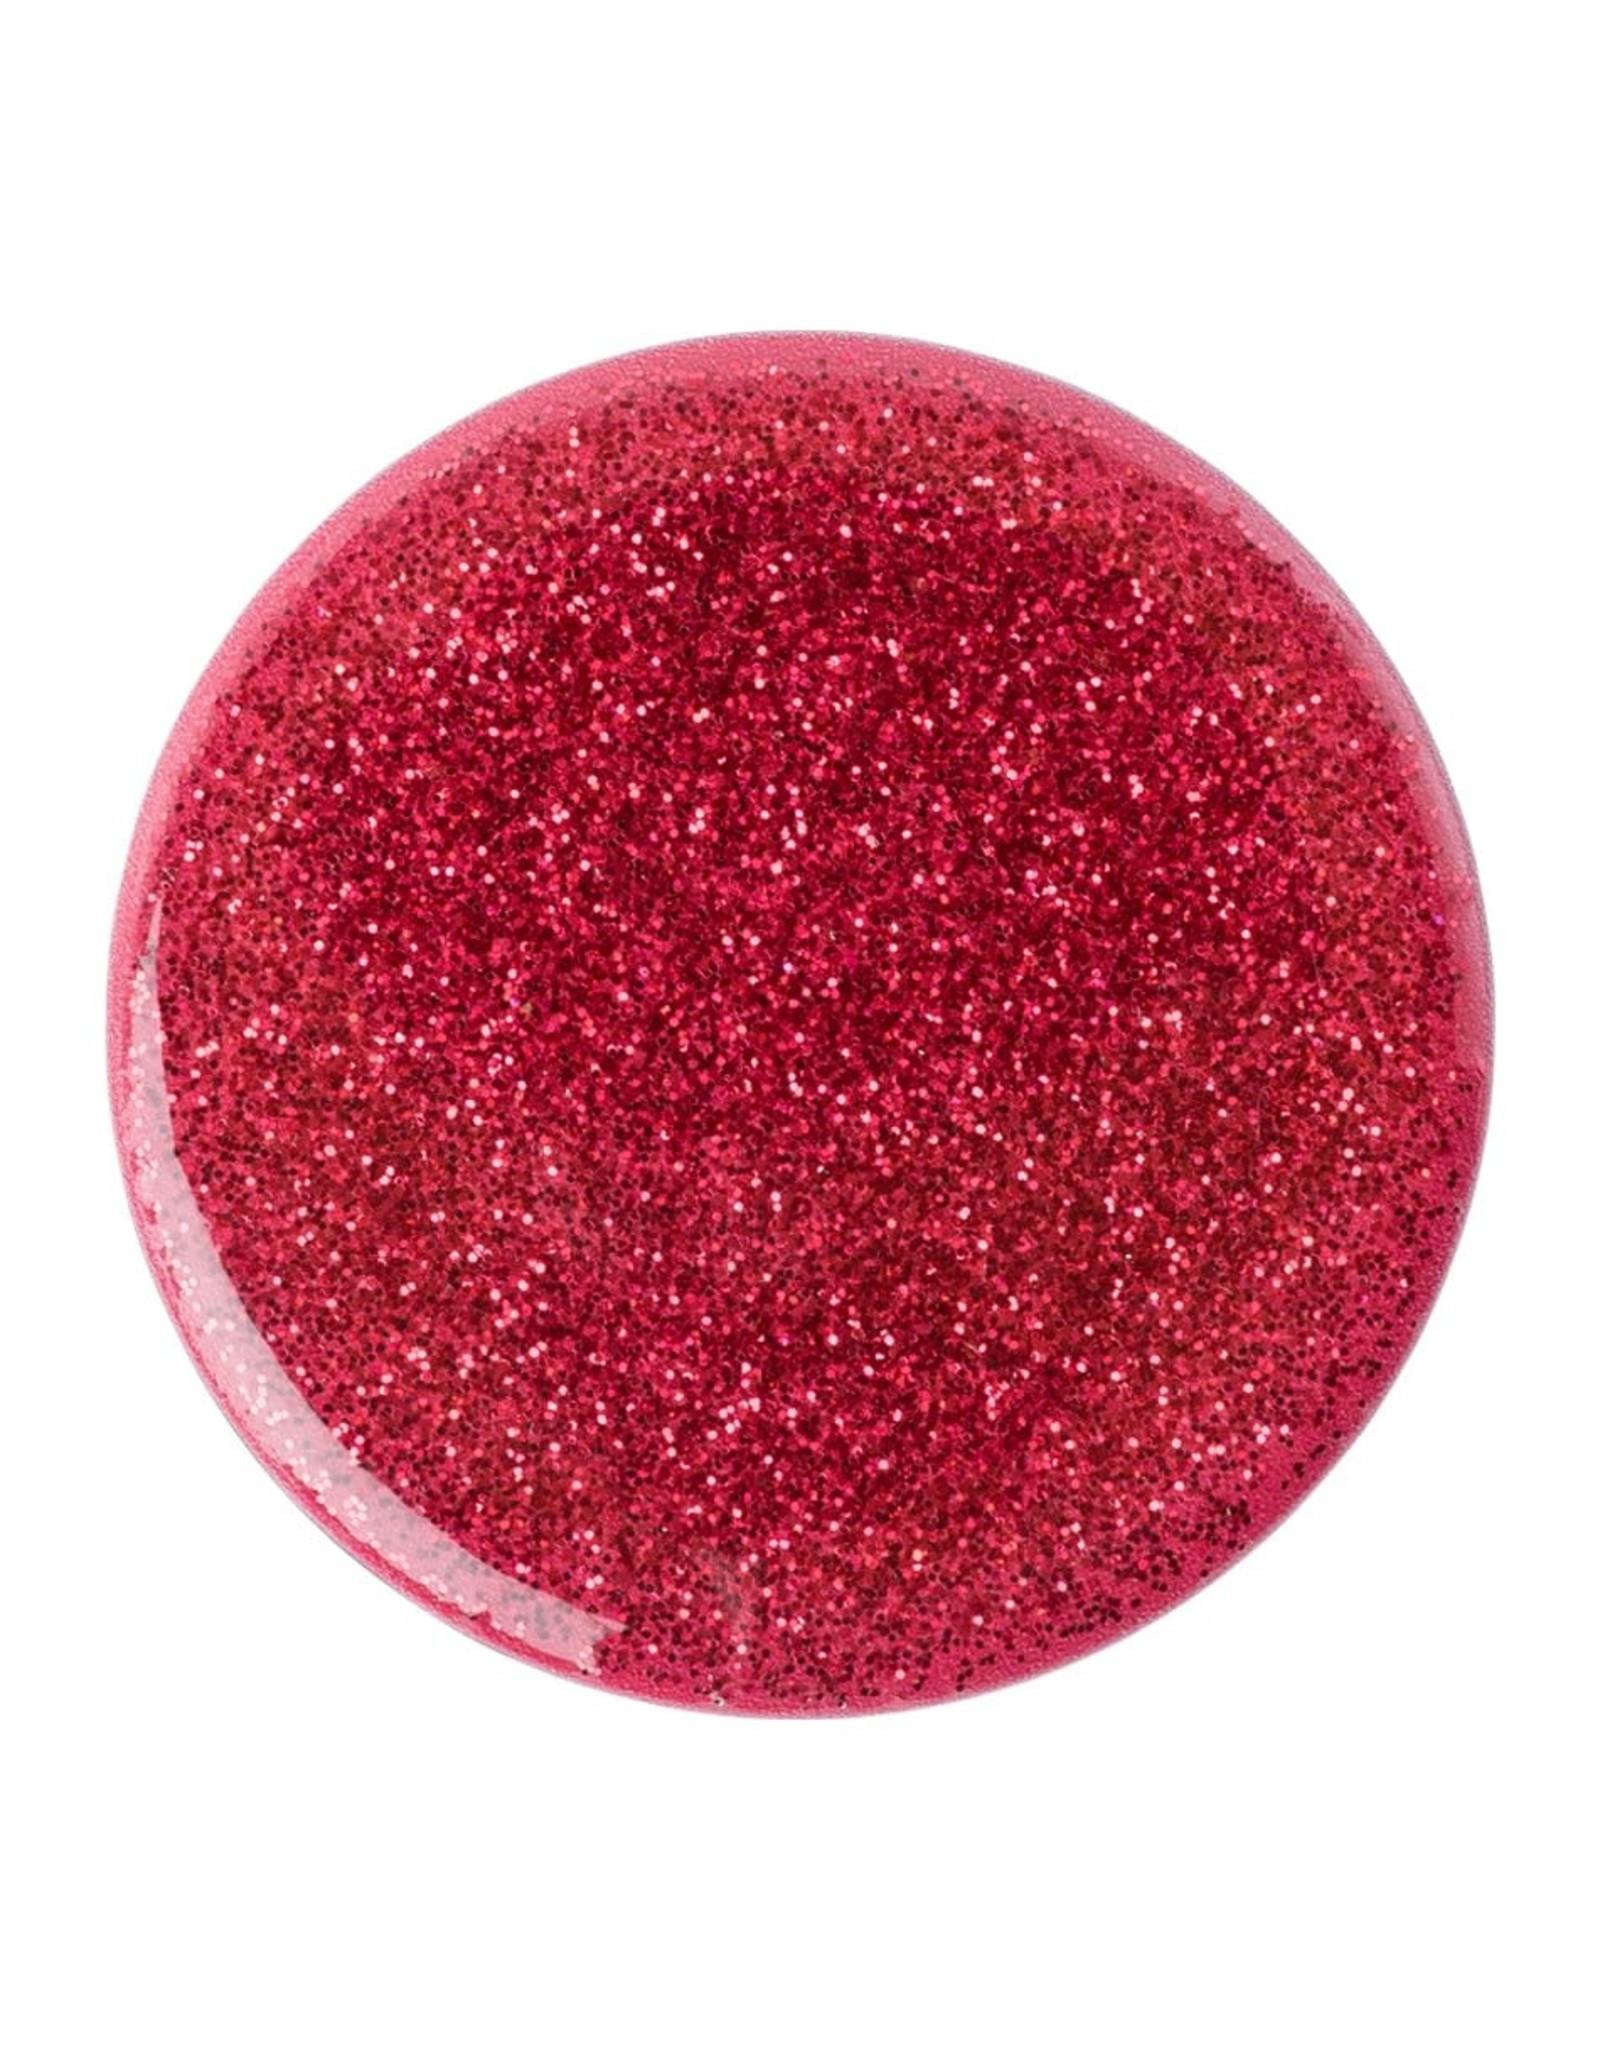 PopSockets PopSocket PopGrip Premium (Gen 2) - Glitter Red